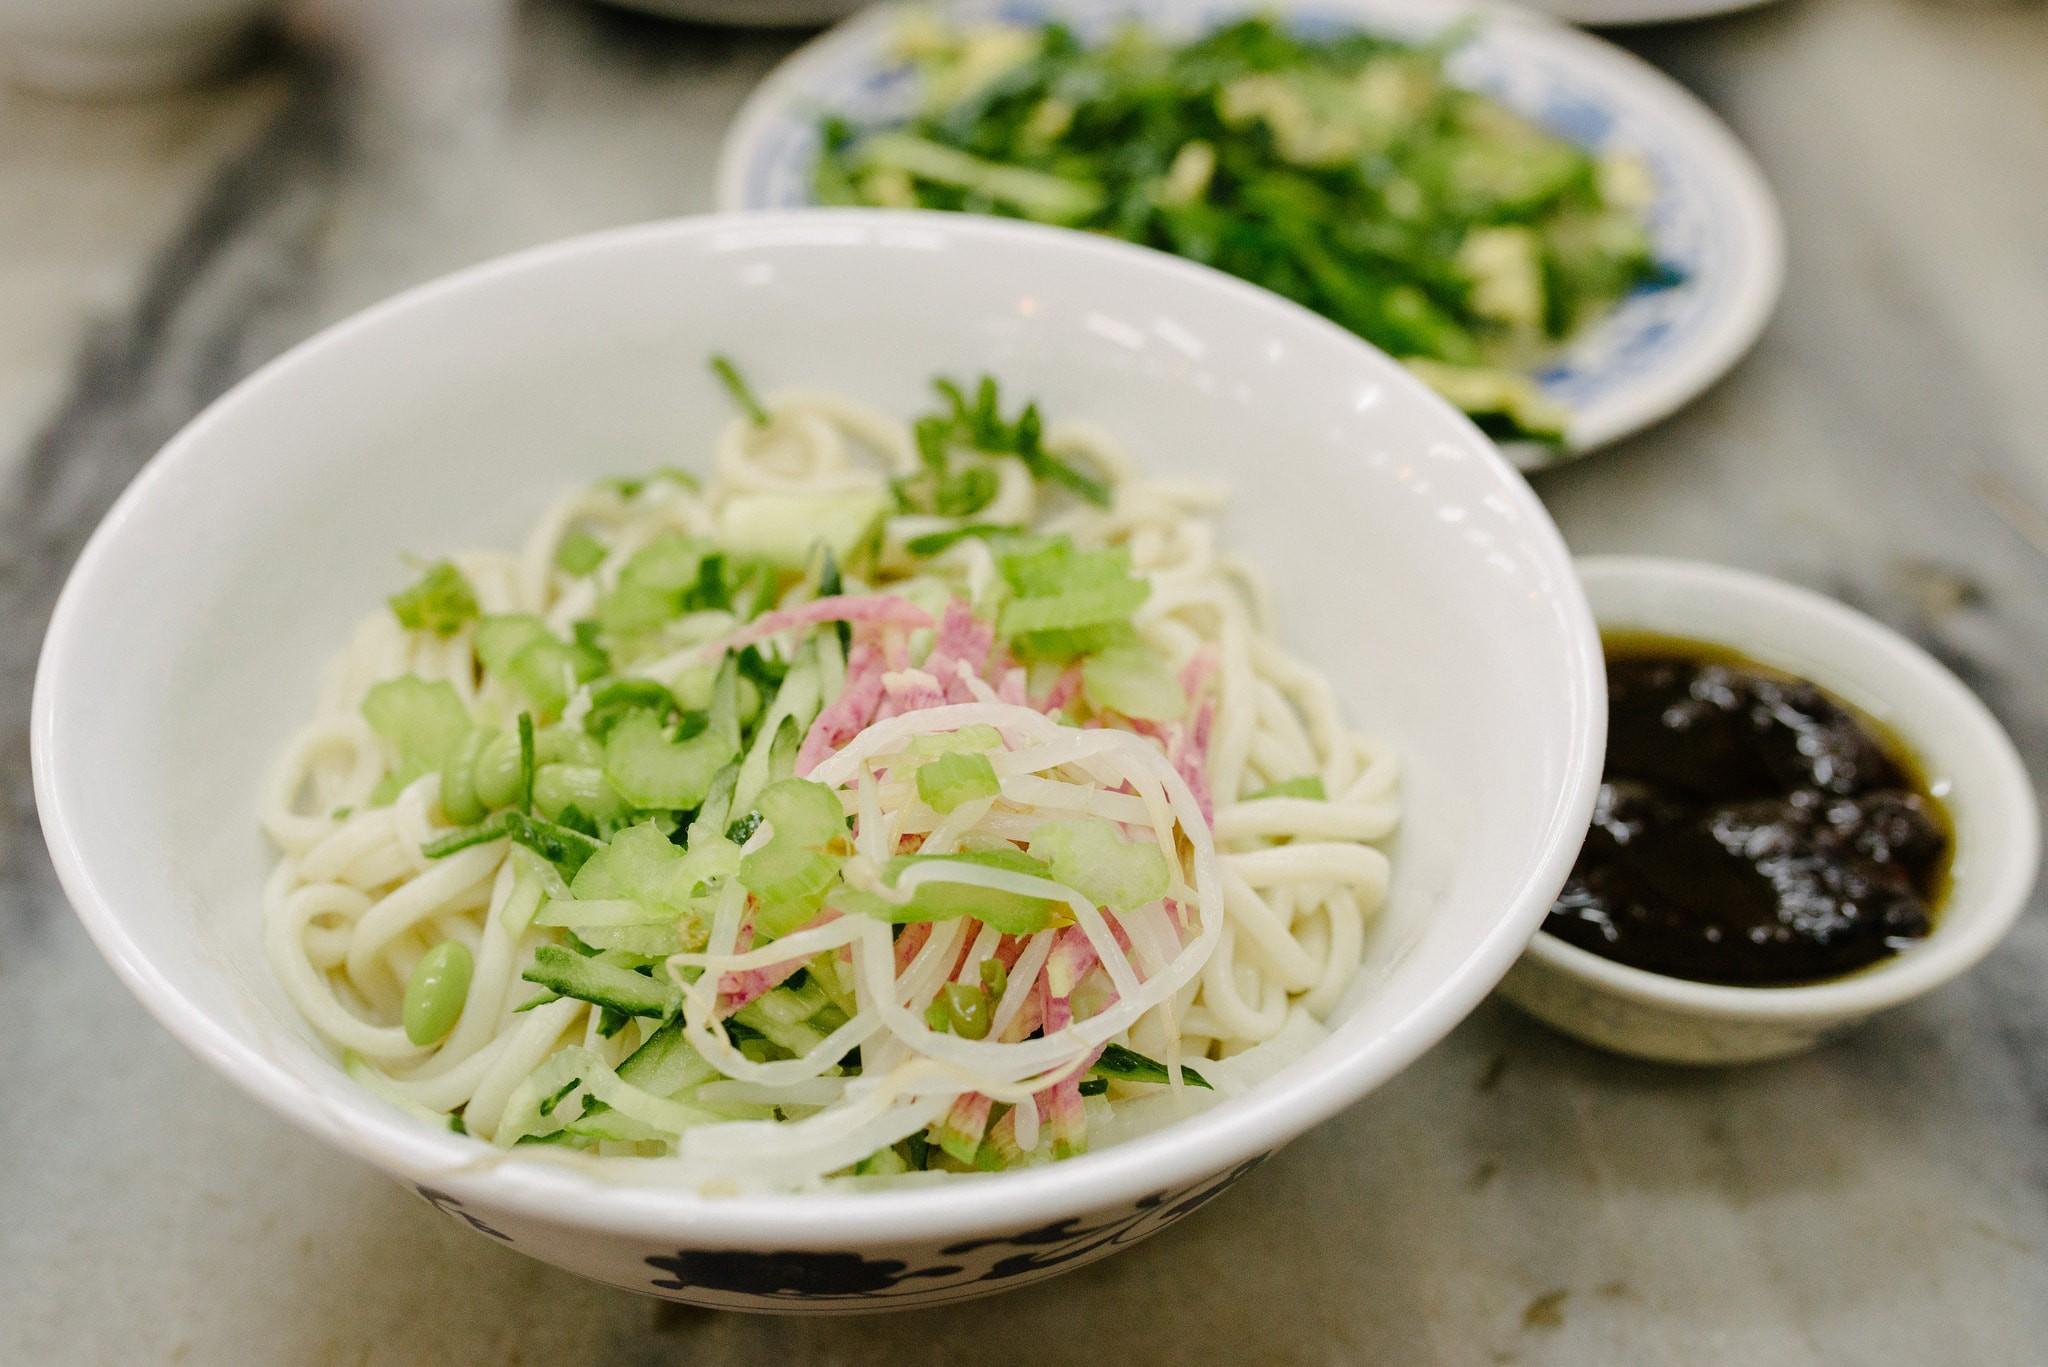 Zhajiangmian (Beijing Fried Sauce Noodles) | ©Tagosaku / Flickr